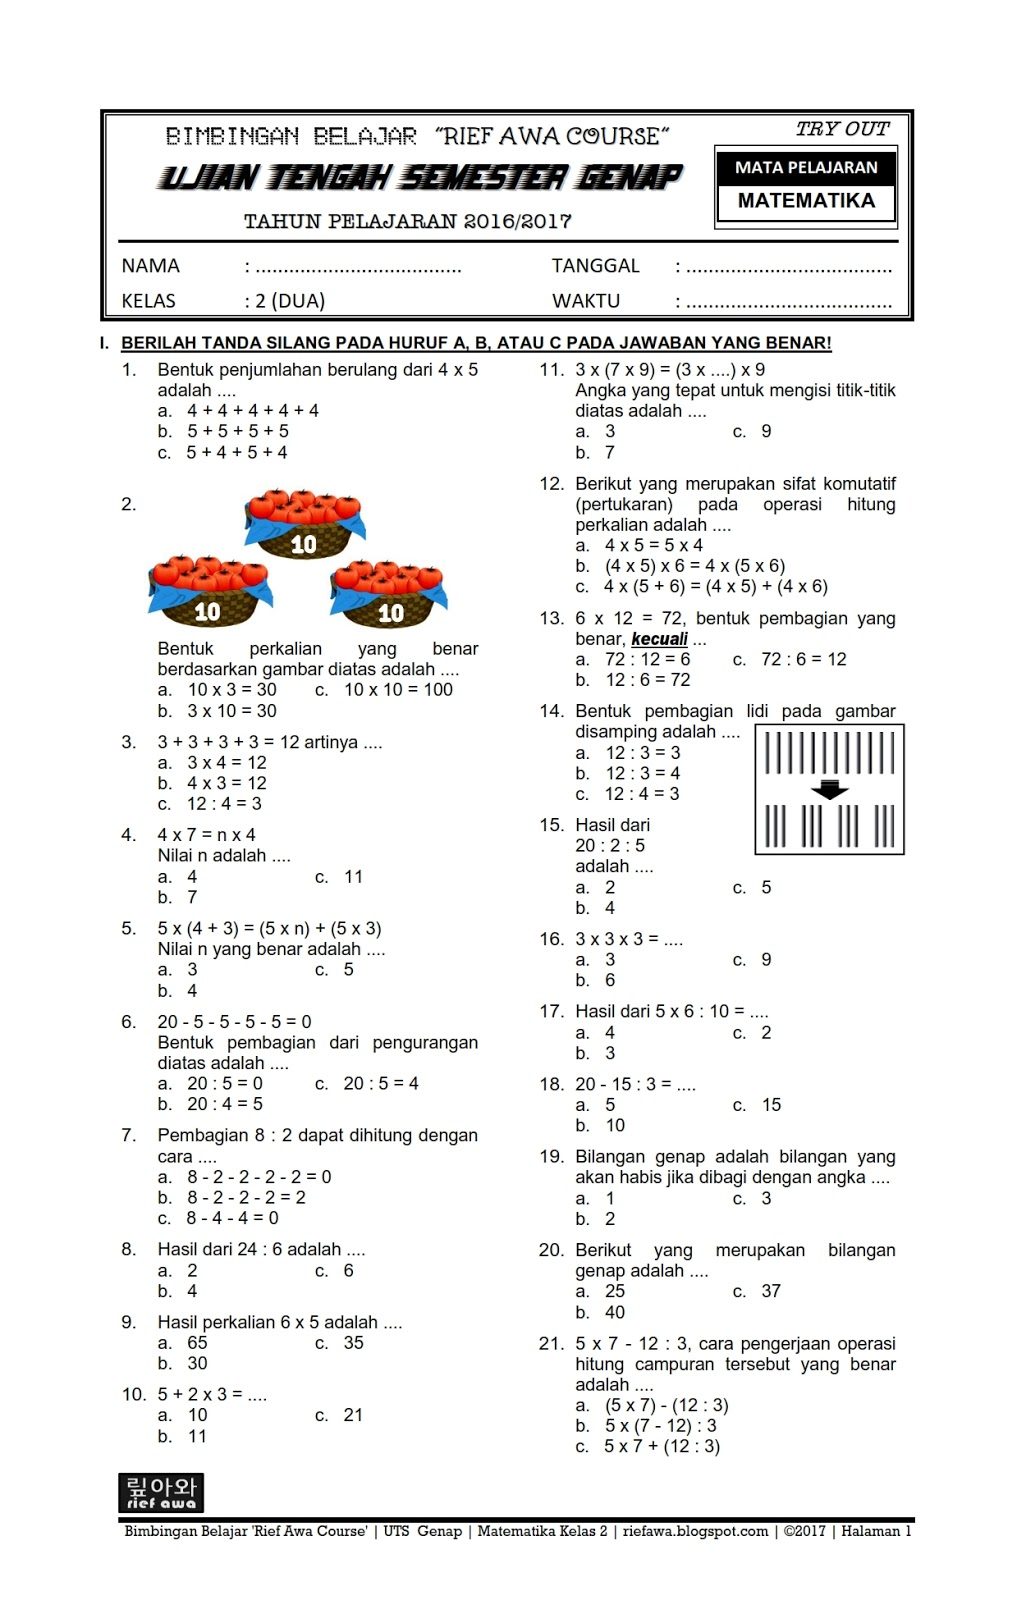 Download Soal Uts Genap Matematika Kelas 2 Sd Mi Semester 2 Terbaru Tahun 2017 Rief Awa Blog